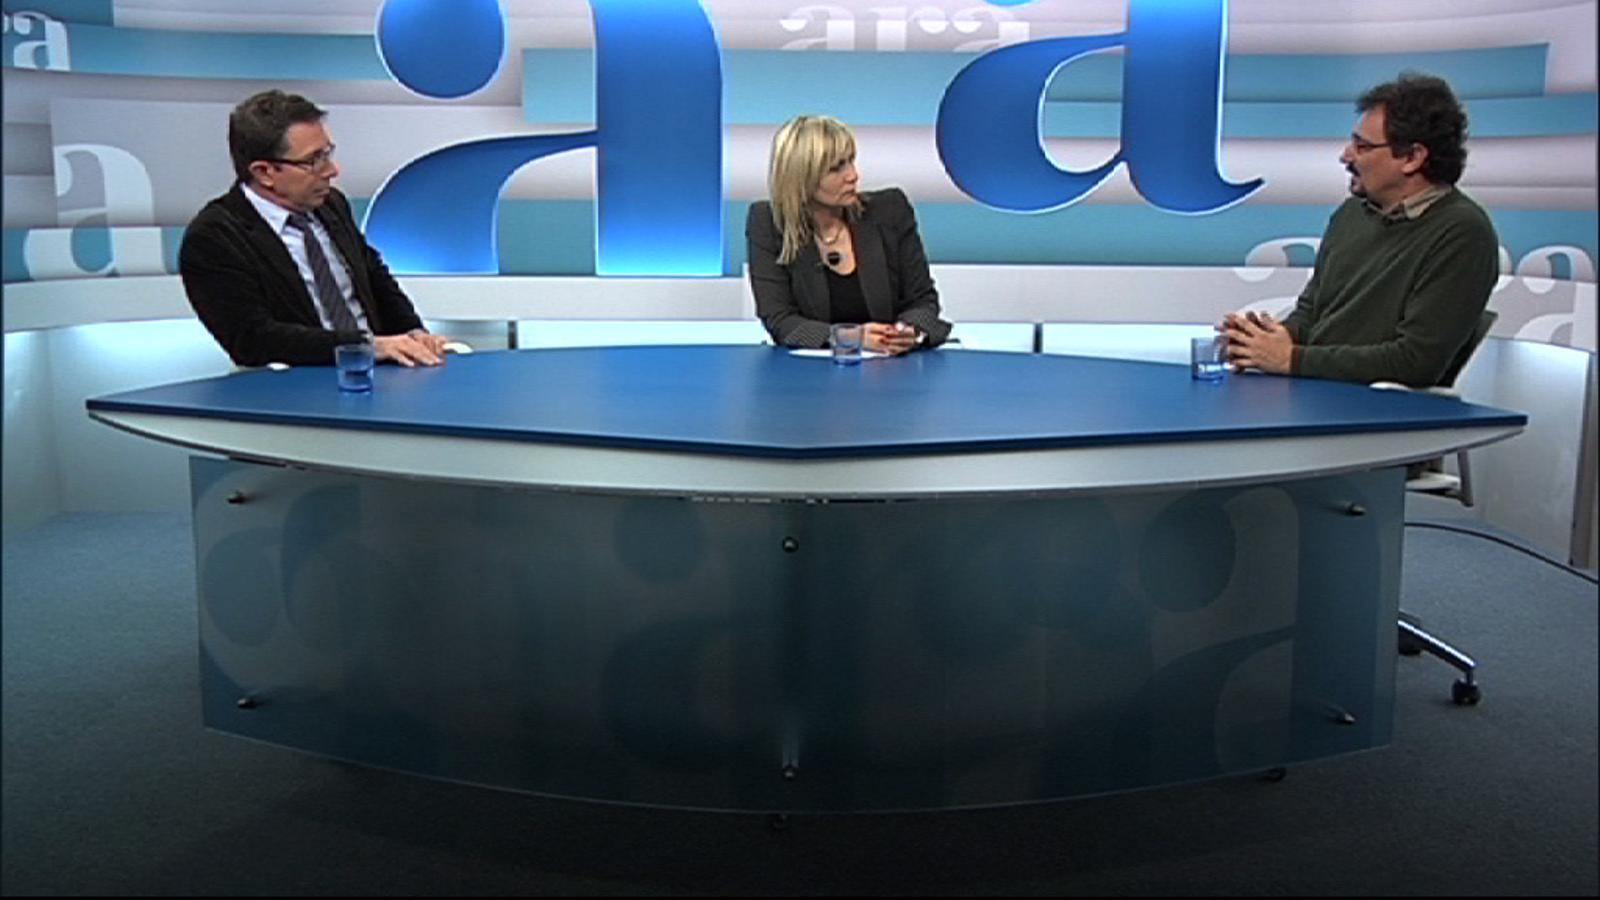 ARA Debat amb Mònica Terribas, Albert Sánchez Piñol i Àlex Susanna, per ARA TV Premium